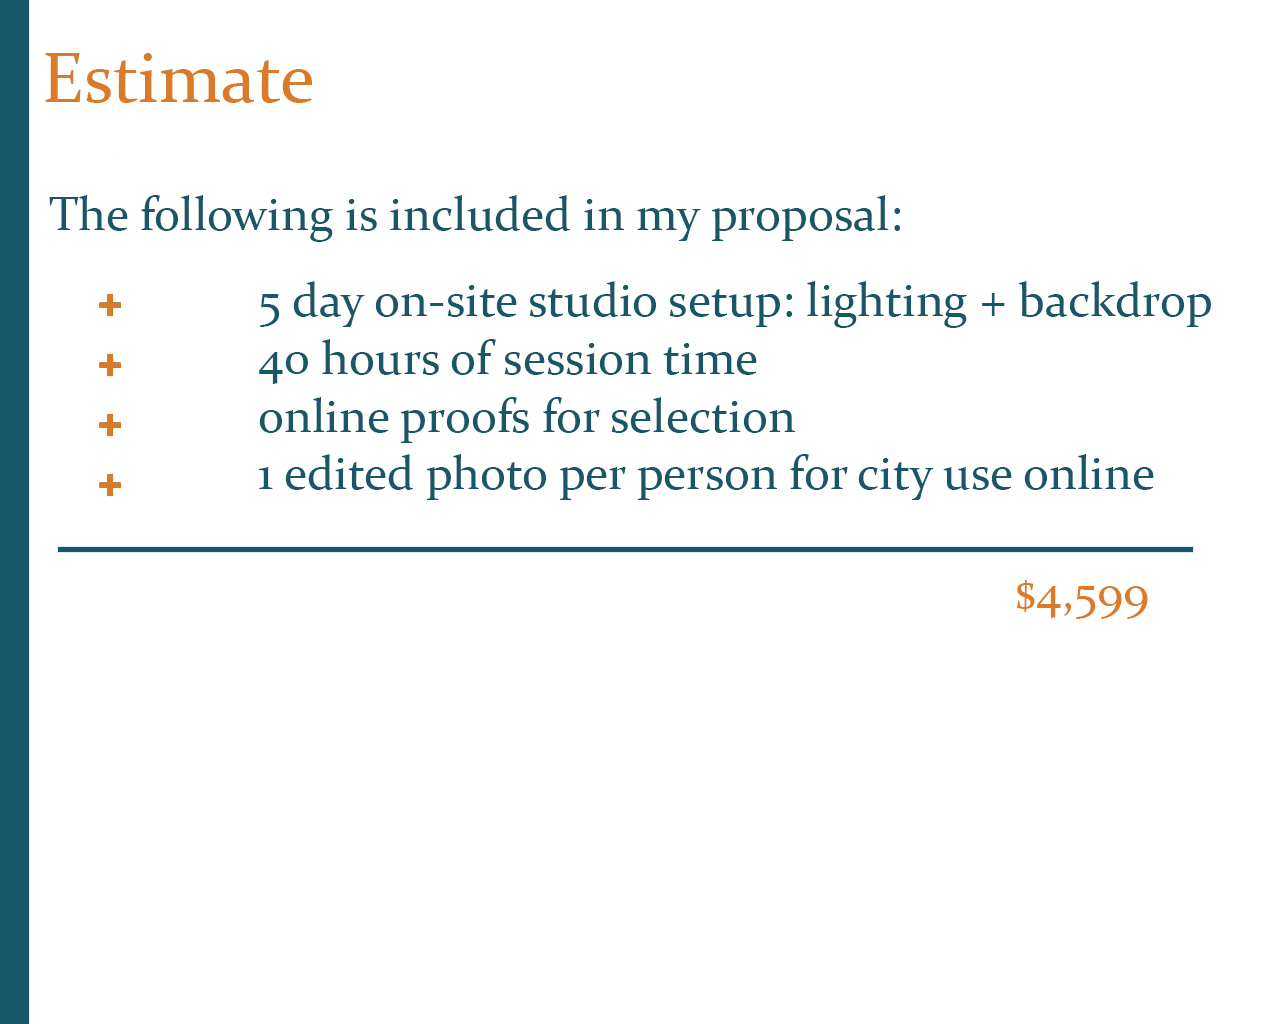 City of Georgetown Photo Revamp Proposal - Estimate.jpg